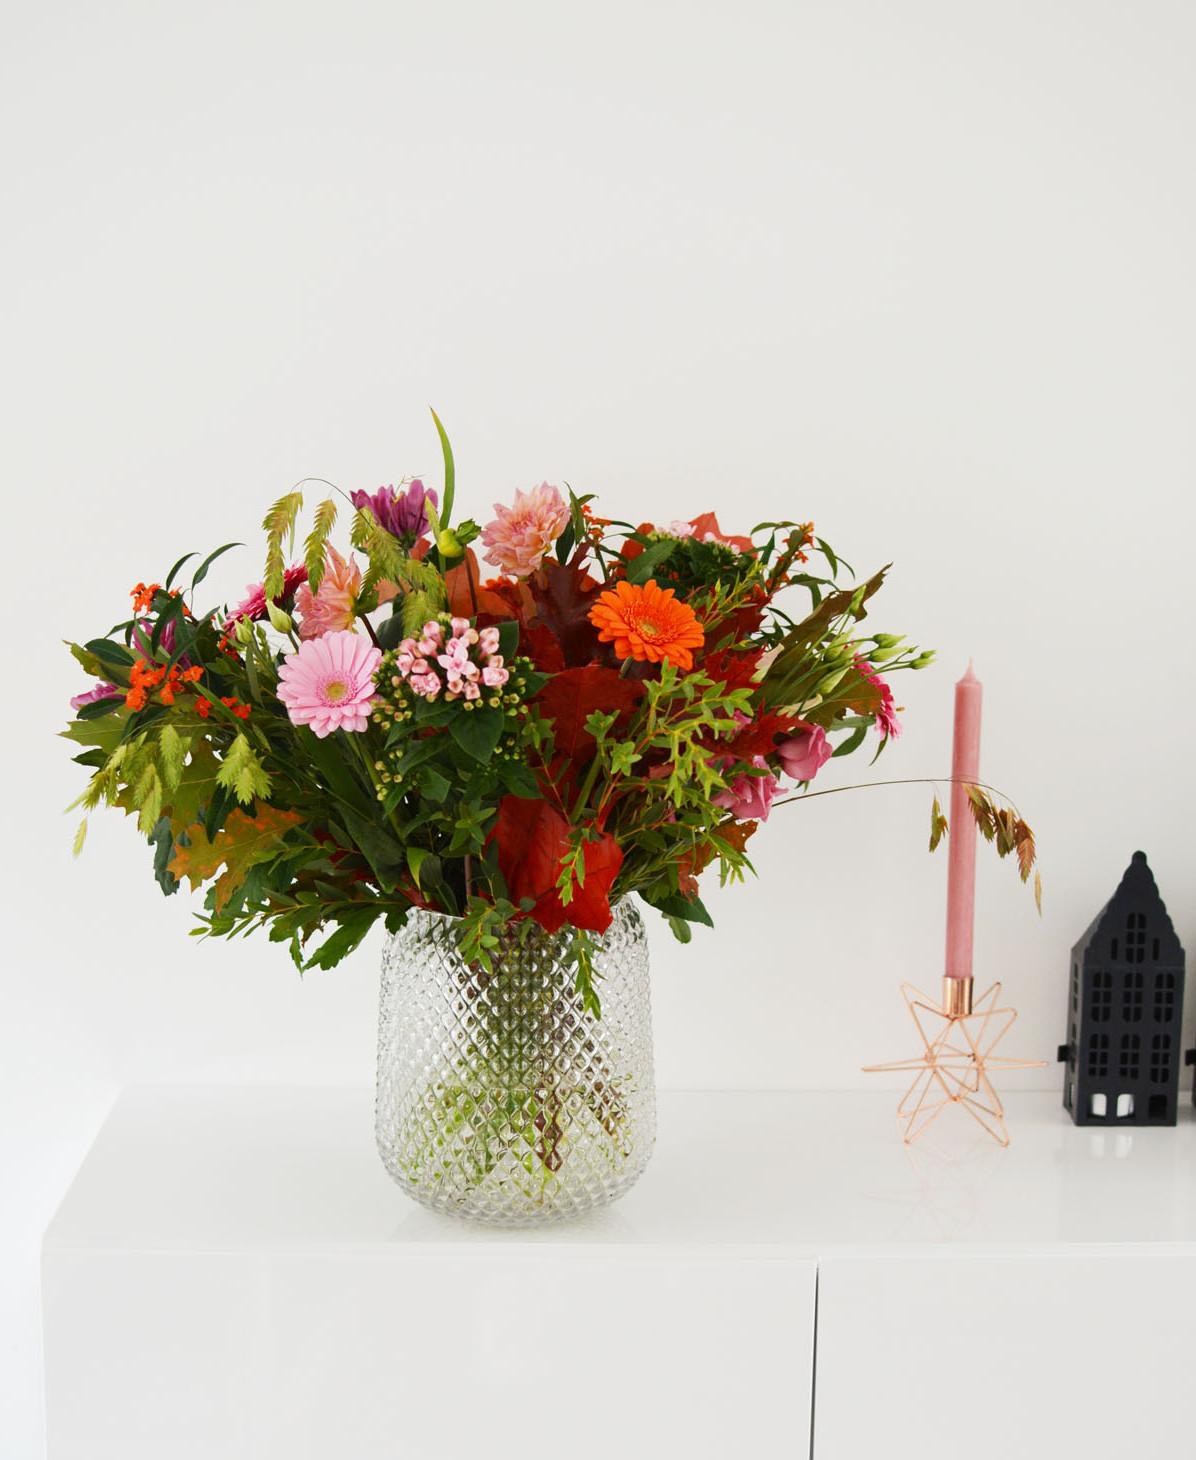 vaas-met-bloemen-2